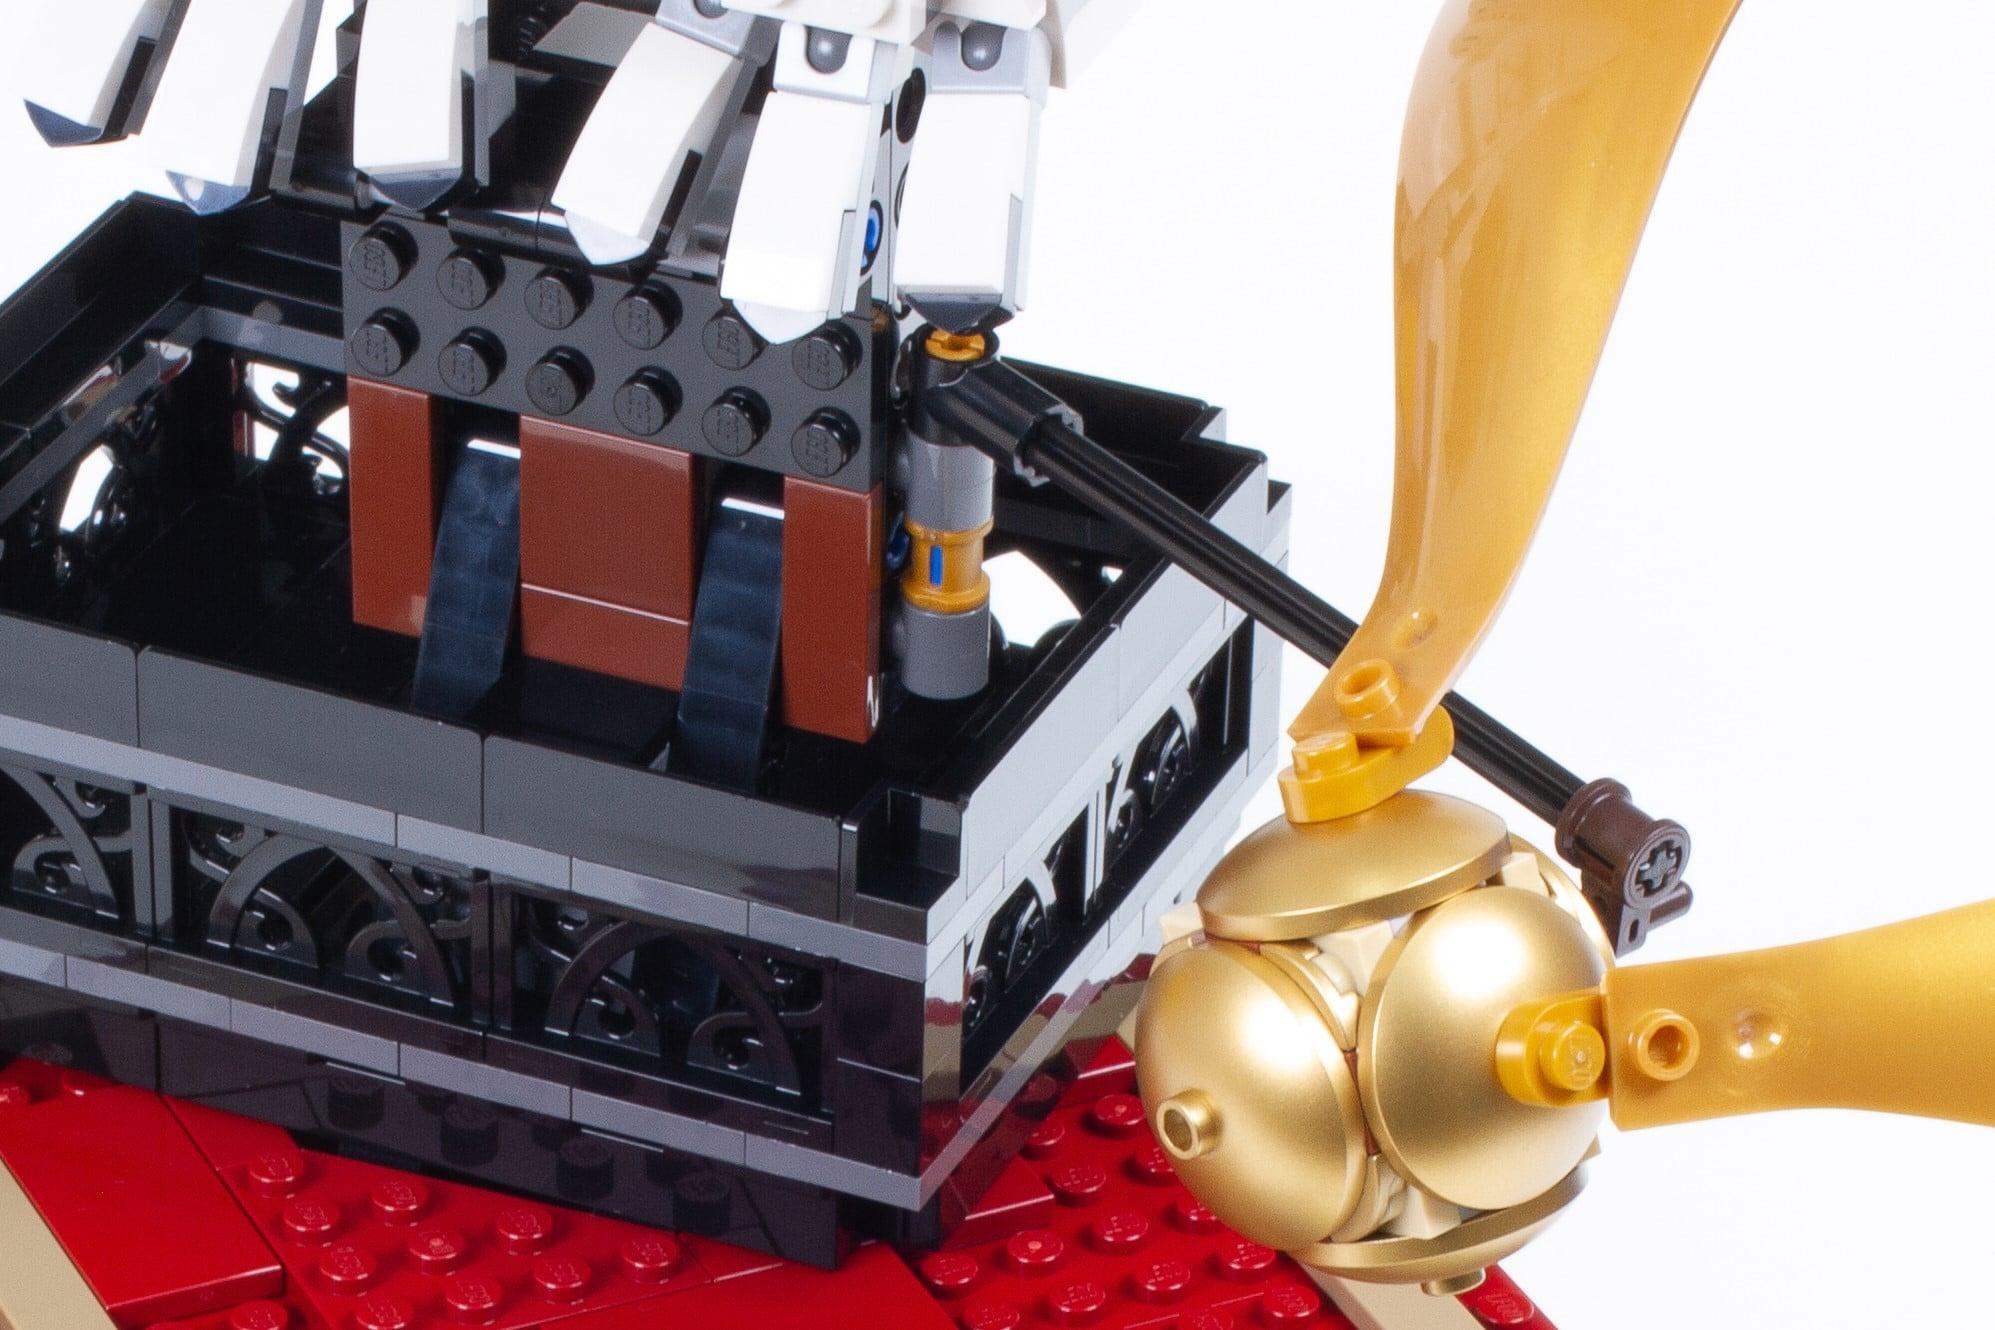 LEGO 76391 Hogwarts Icons Review Schritt 18 16 Detail